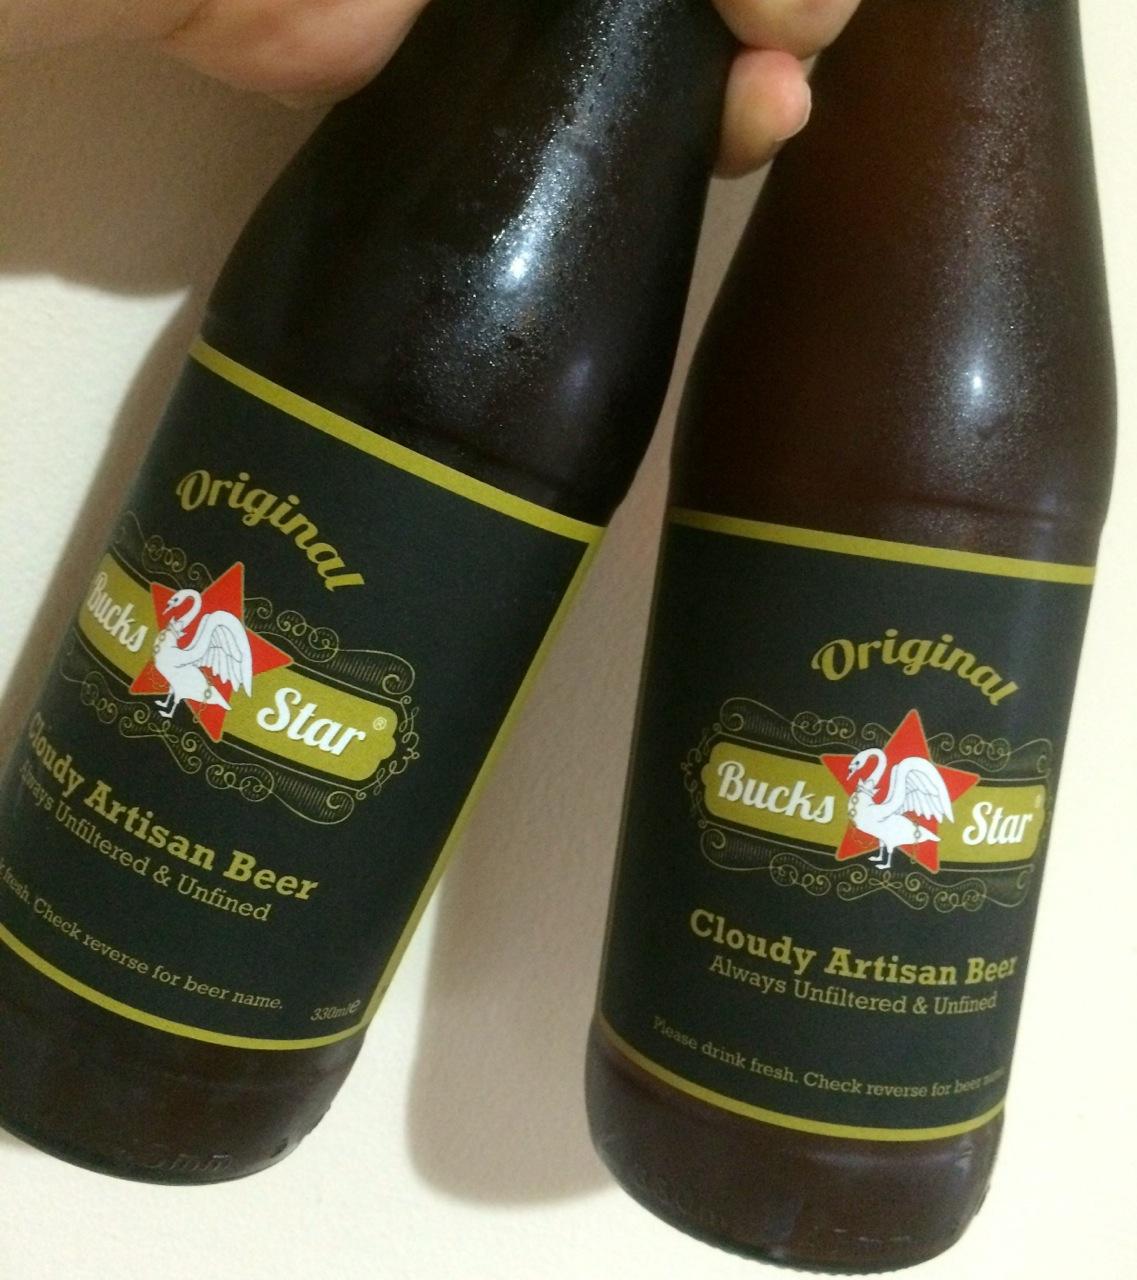 http://fatgayvegan.com/wp-content/uploads/2015/12/Bucks-Star-beer.jpg